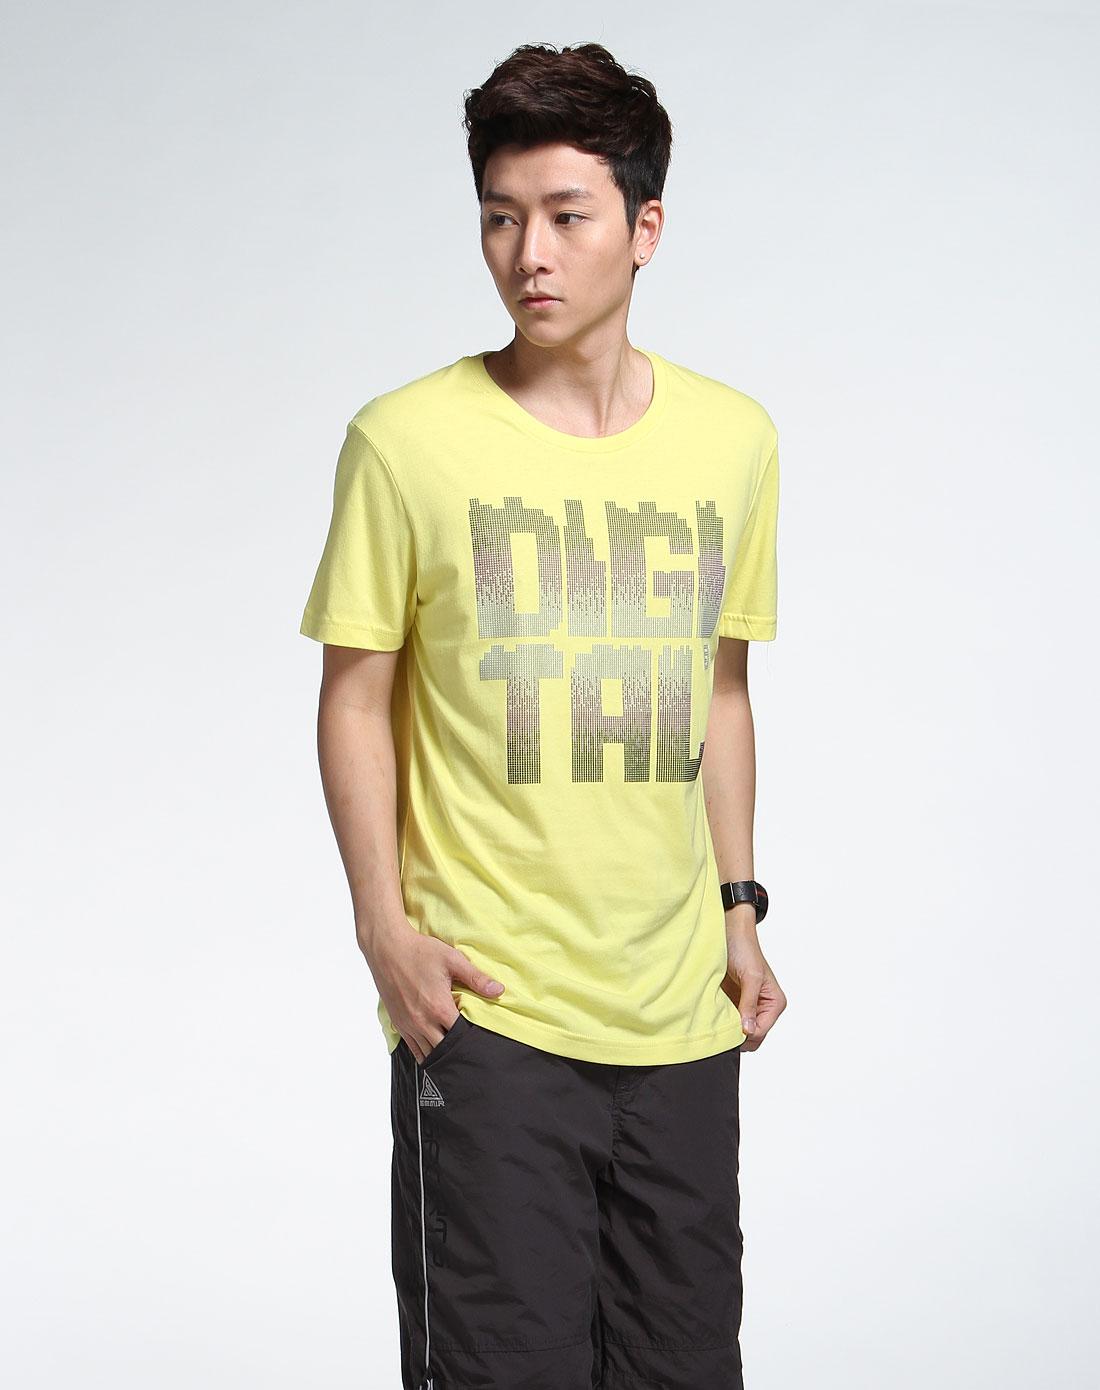 森马男装专场-黄色短袖时尚t恤图片